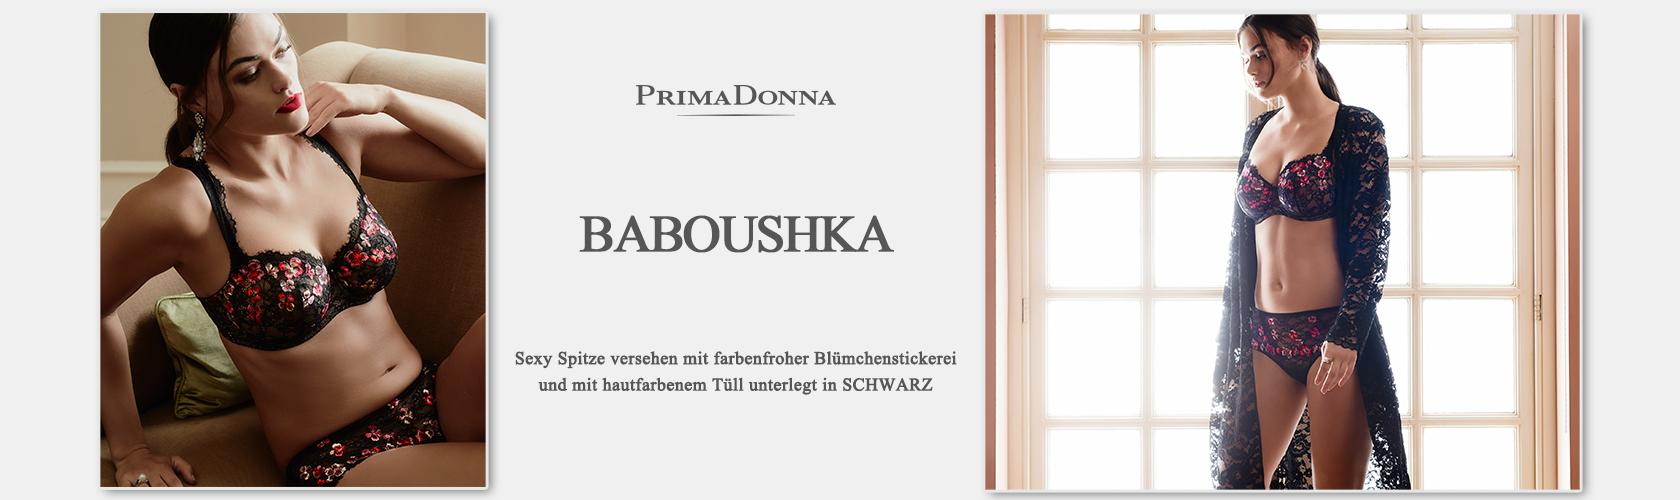 Slideshow BABOUSHKA 14.12.